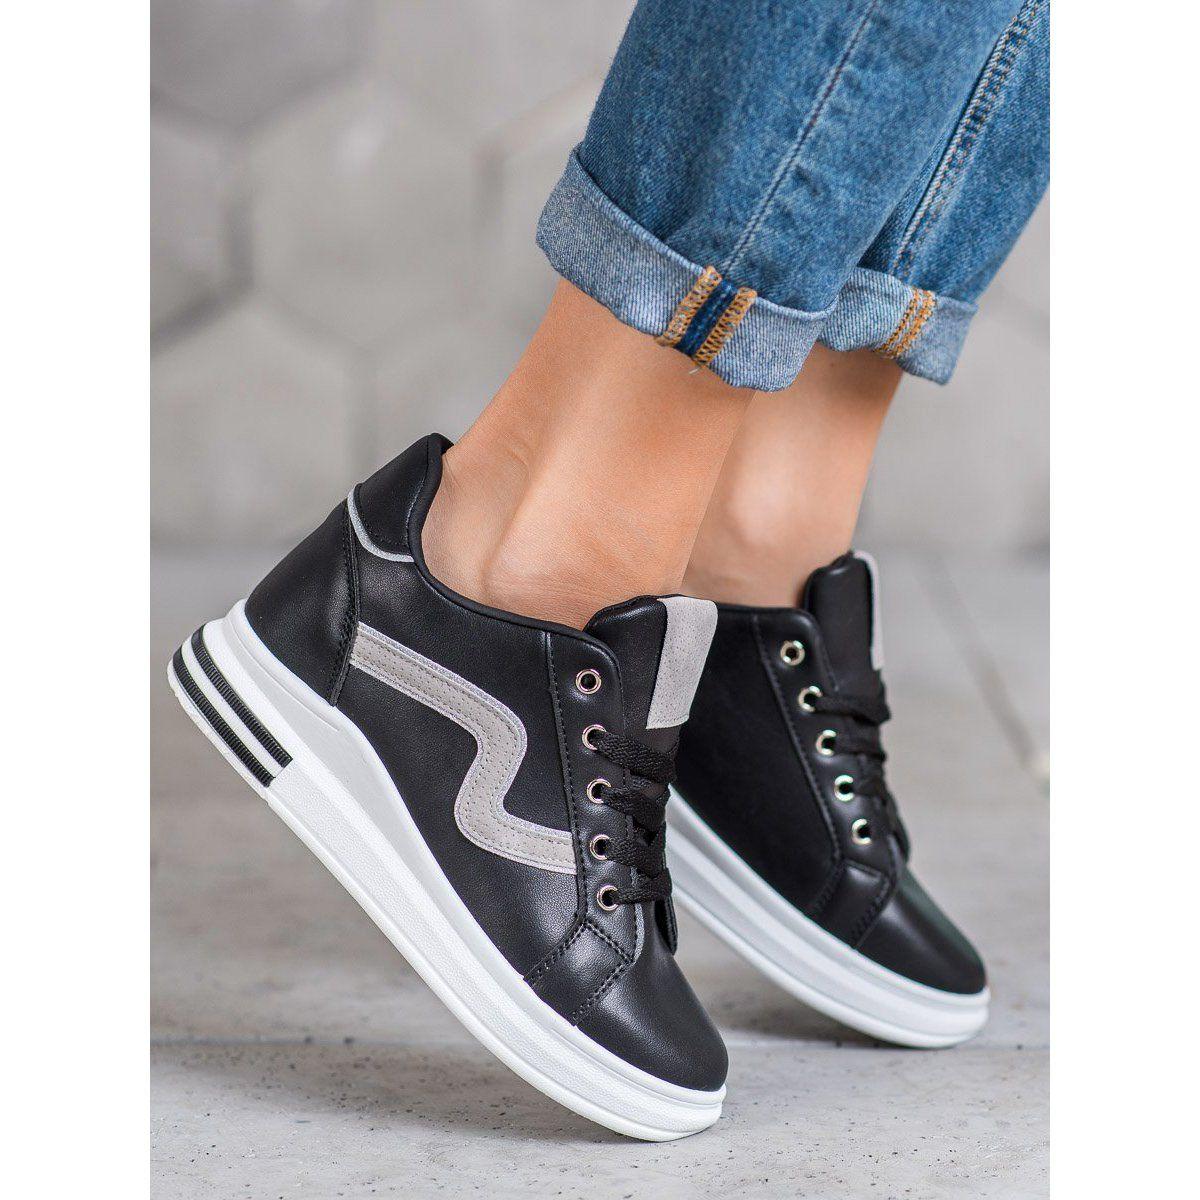 Shelovet Buty Sportowe Z Ukryta Koturna Czarne Vans Old Skool Sneaker Vans Sneaker High Top Sneakers